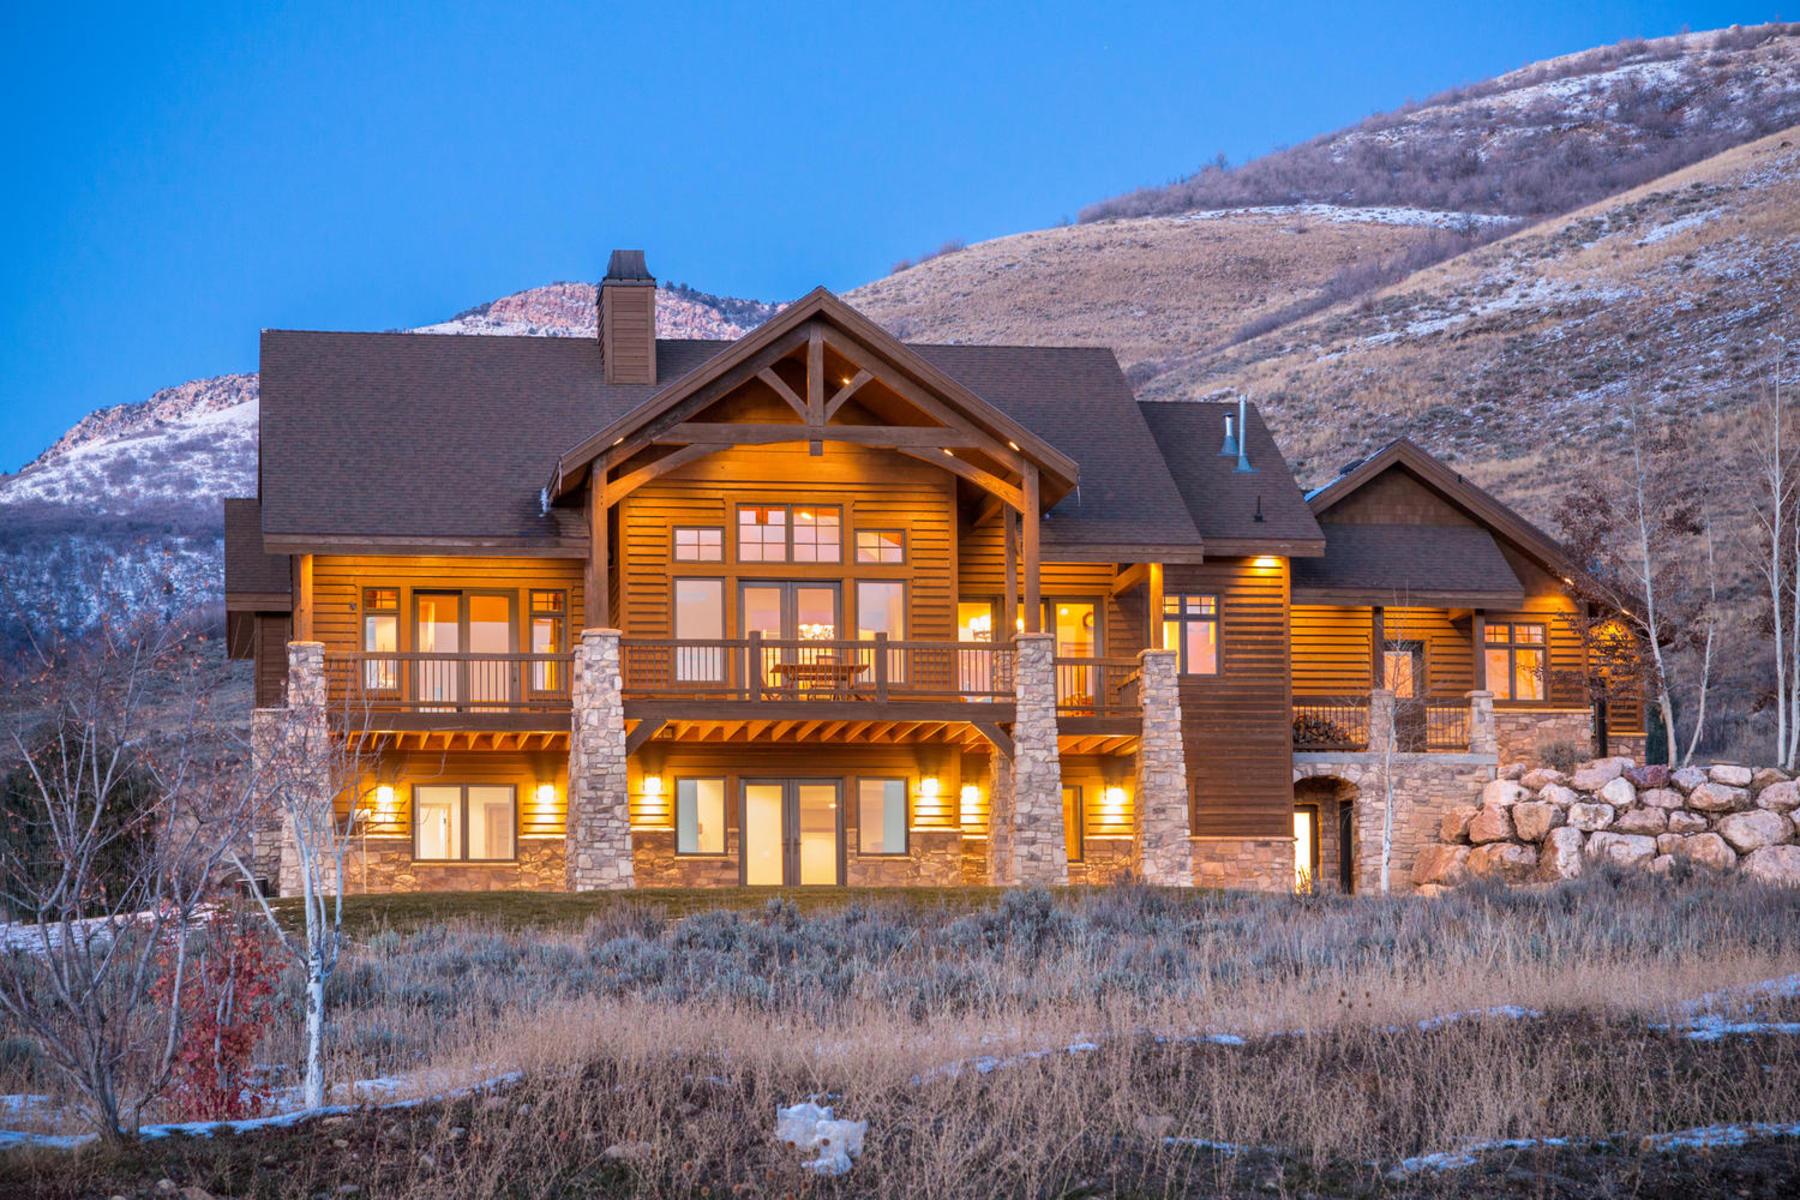 Частный односемейный дом для того Продажа на Nestled at the base of majestic mountains 9120 East 1000 North Huntsville, Юта 84317 Соединенные Штаты